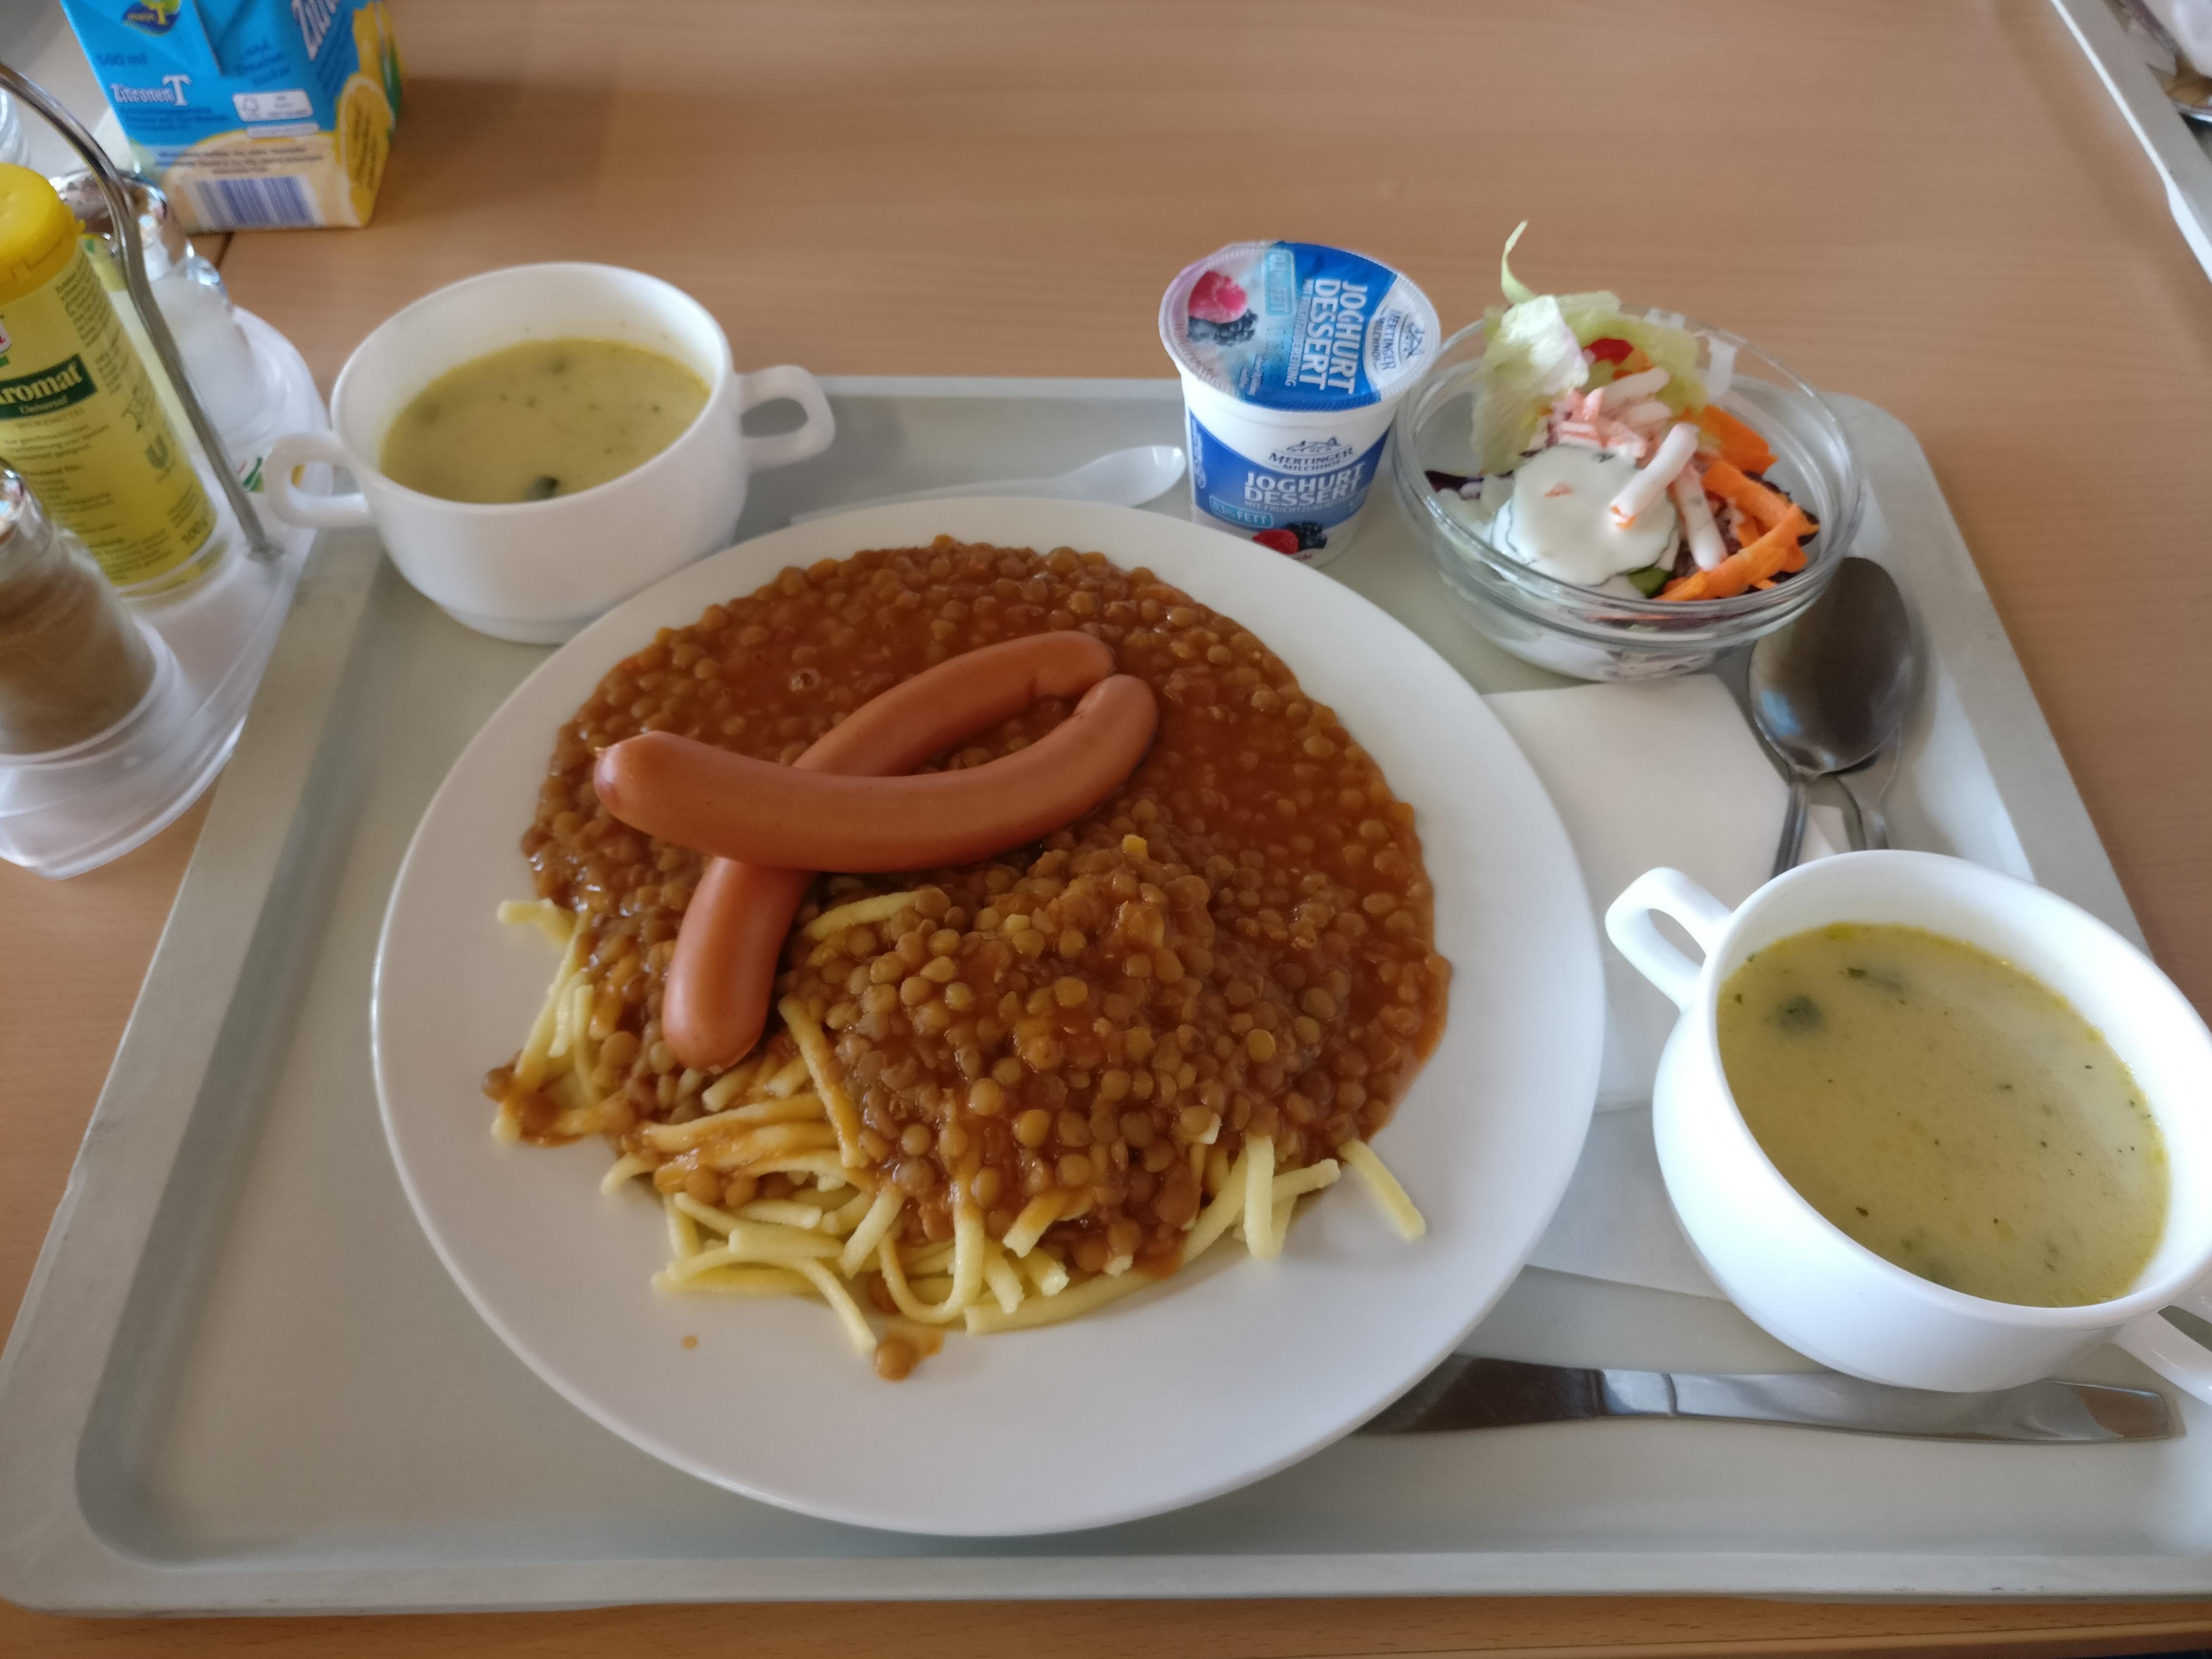 http://foodloader.net/nico_2017-07-04_linsen-mit-spaetzle-und-saitenwuerstchen-suppen-salat-nachtisch.jpg